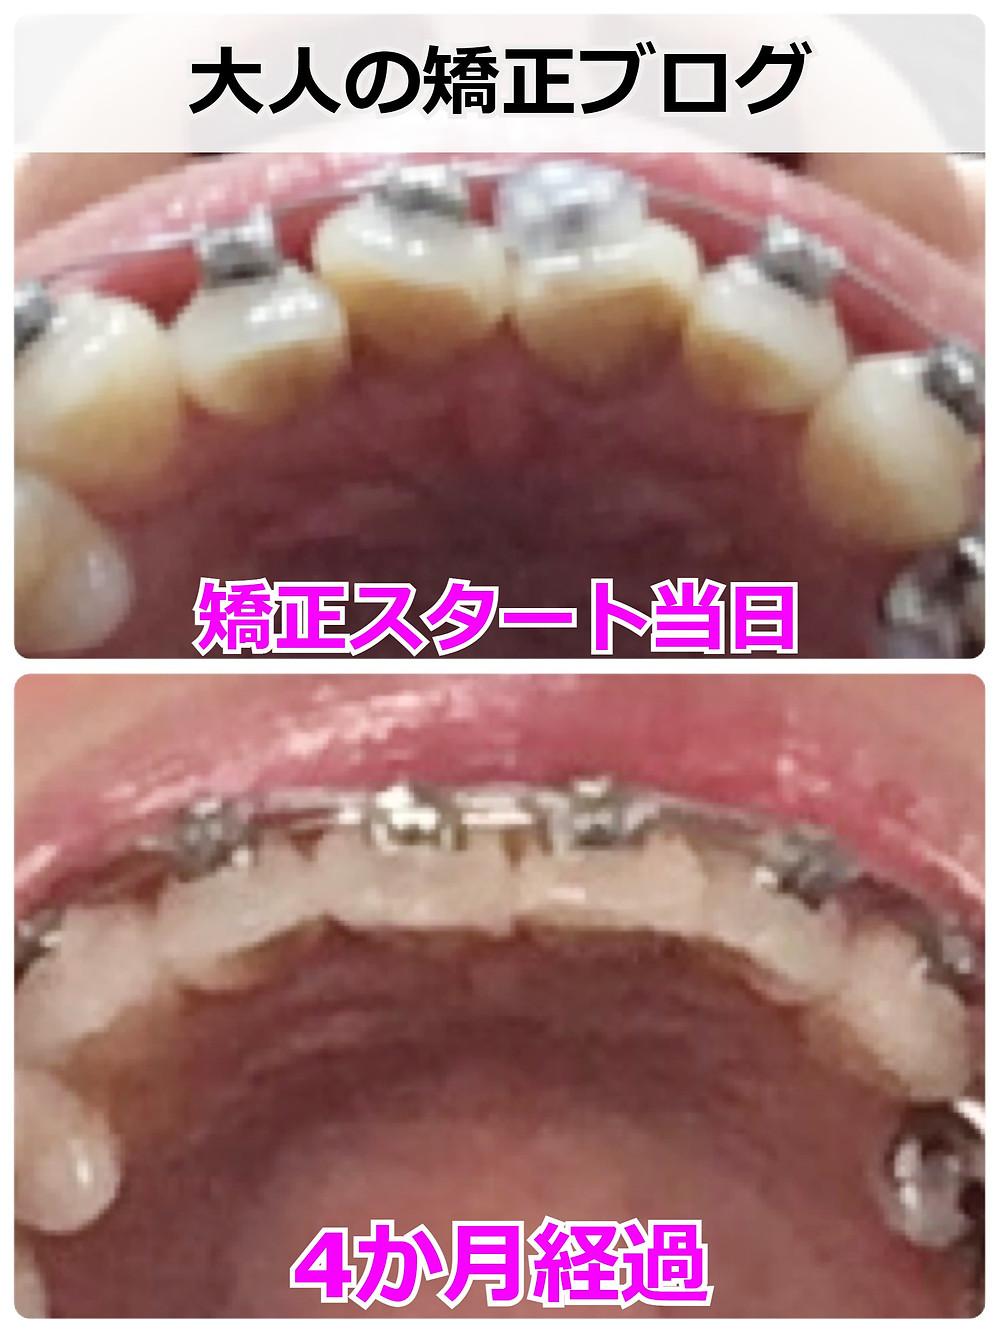 下から見た歯列の変化